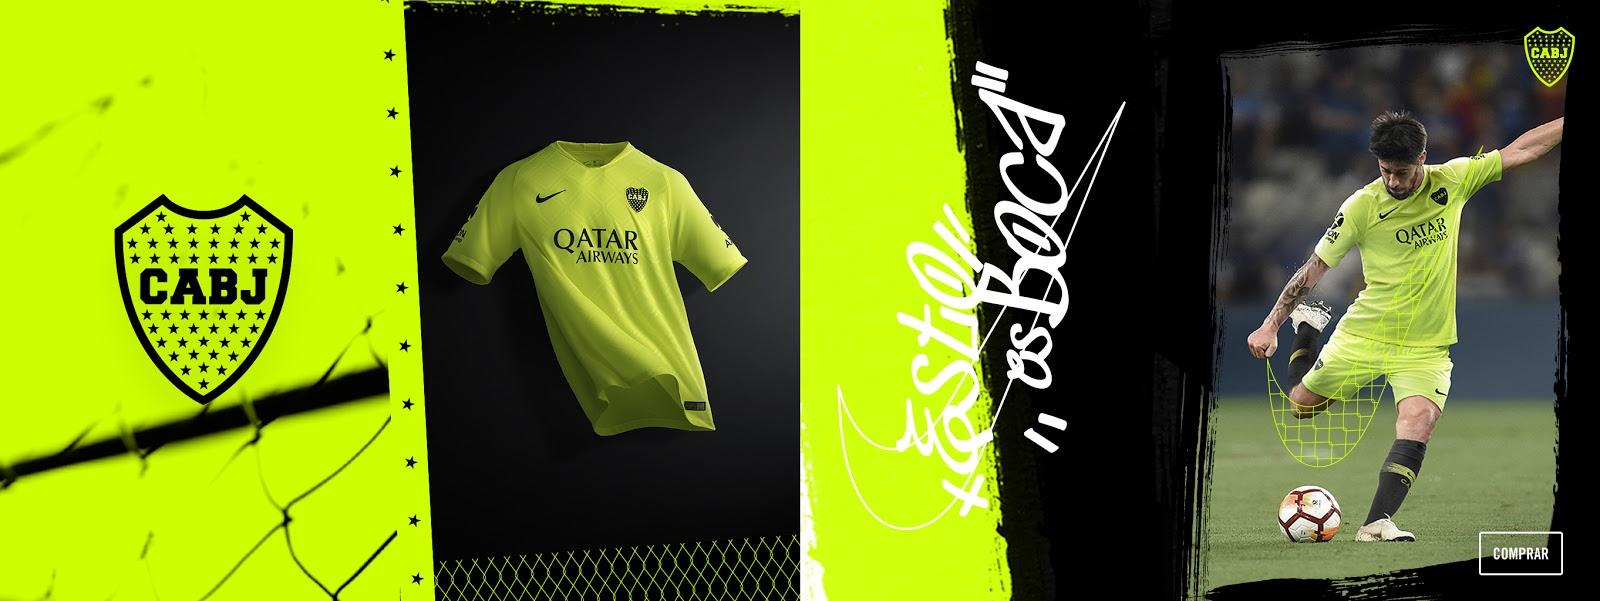 8bd47d03e1b7b colore giallo evidenziatore con loghi in colore nero. Maglia Audace. Il  motto della maglia è  Esto es Boca - Questo è il Boca !